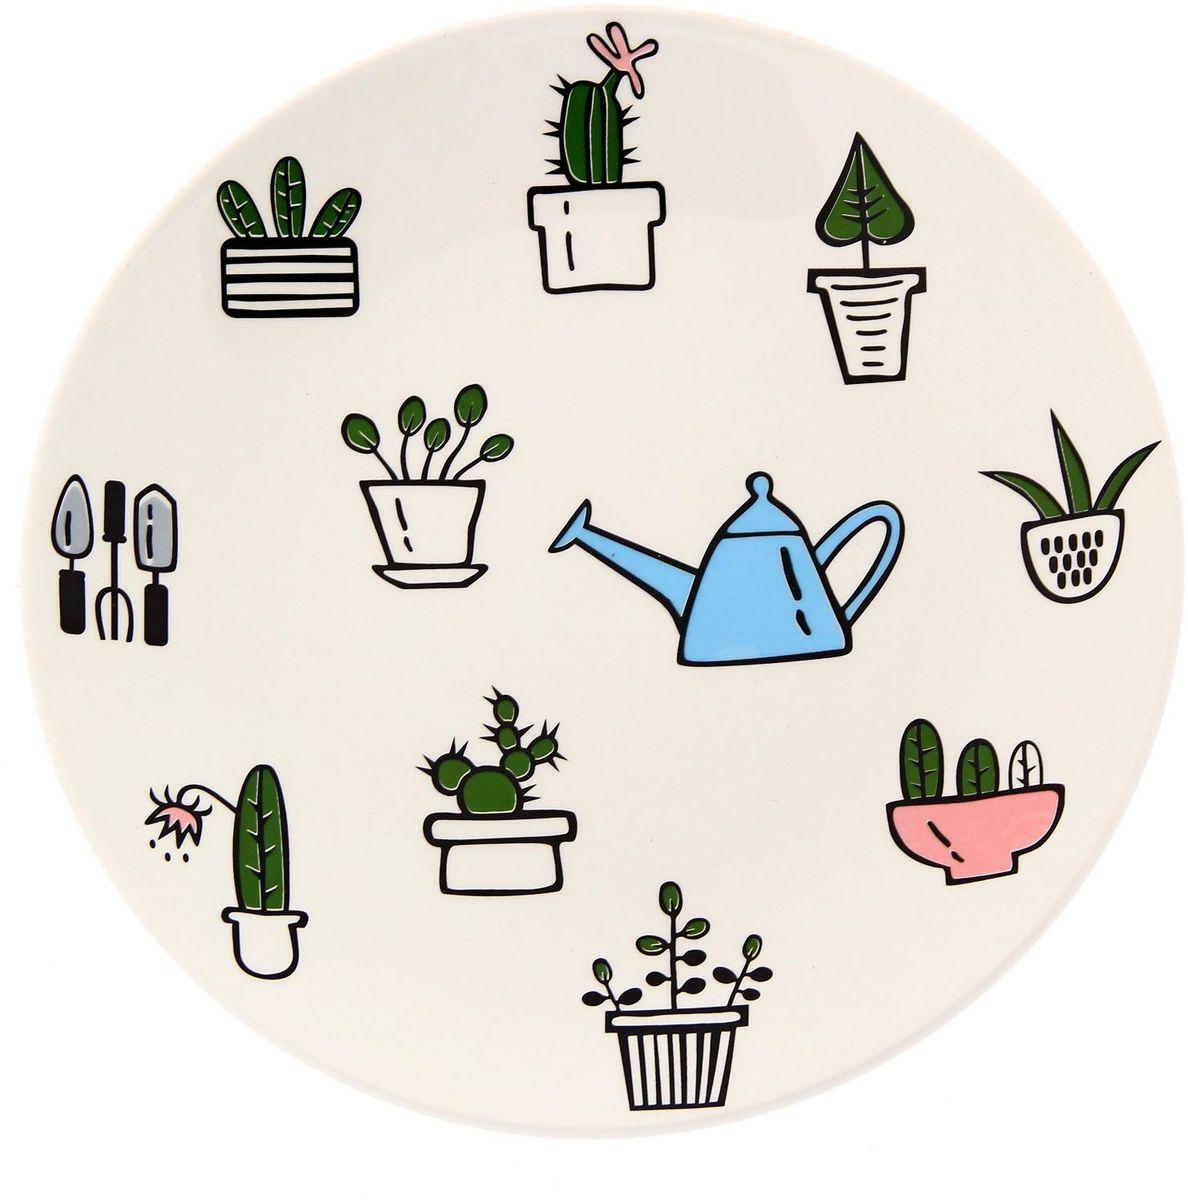 Тарелка Сотвори чудо Домашний сад, диаметр 22 смVT-1520(SR)Хотите обновить интерьер кухни или гостиной? Устраиваете необычную фотосессию или тематический праздник? А может, просто ищете подарок для близкого человека? Посуда Сотвори Чудо — правильный выбор в любой ситуации. Тарелка Сотвори Чудо, изготовленная из изящного фаянса нежного сливочного цвета, оформлена оригинальным рисунком со стойкой краской. Пригодна для посудомоечной машины.